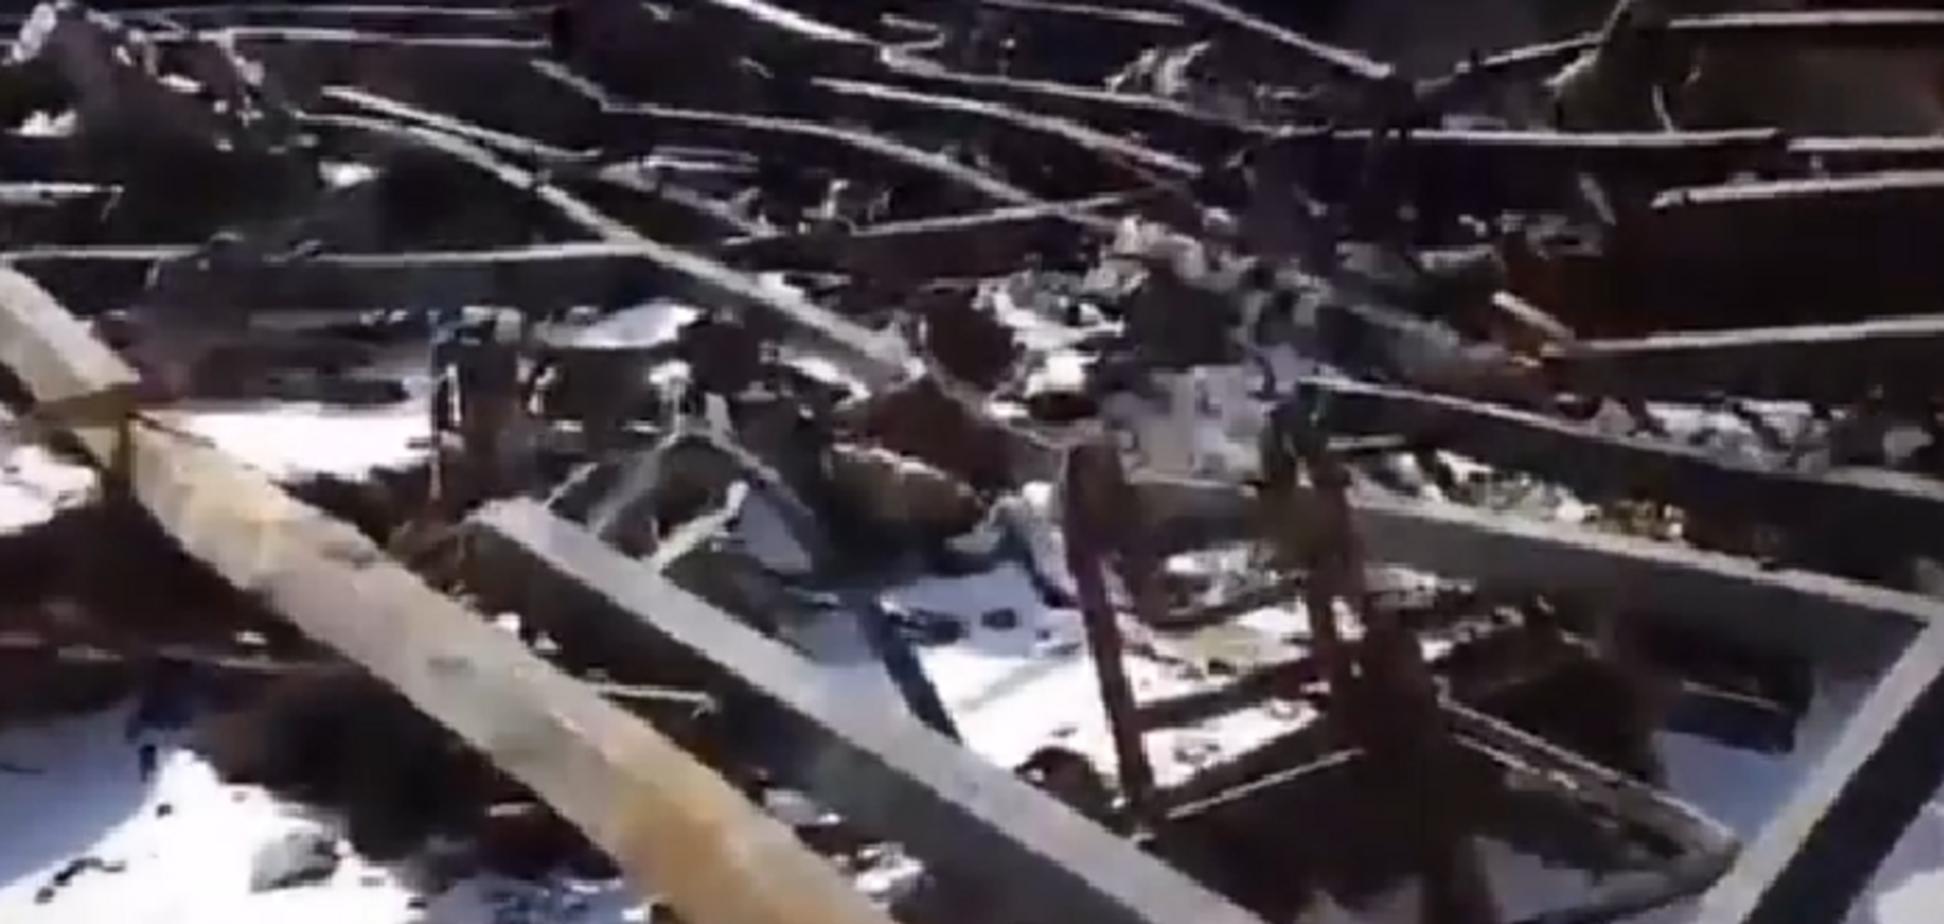 'Здесь было семь тел': фанат Путина Востриков показал видео из сгоревшего ТЦ